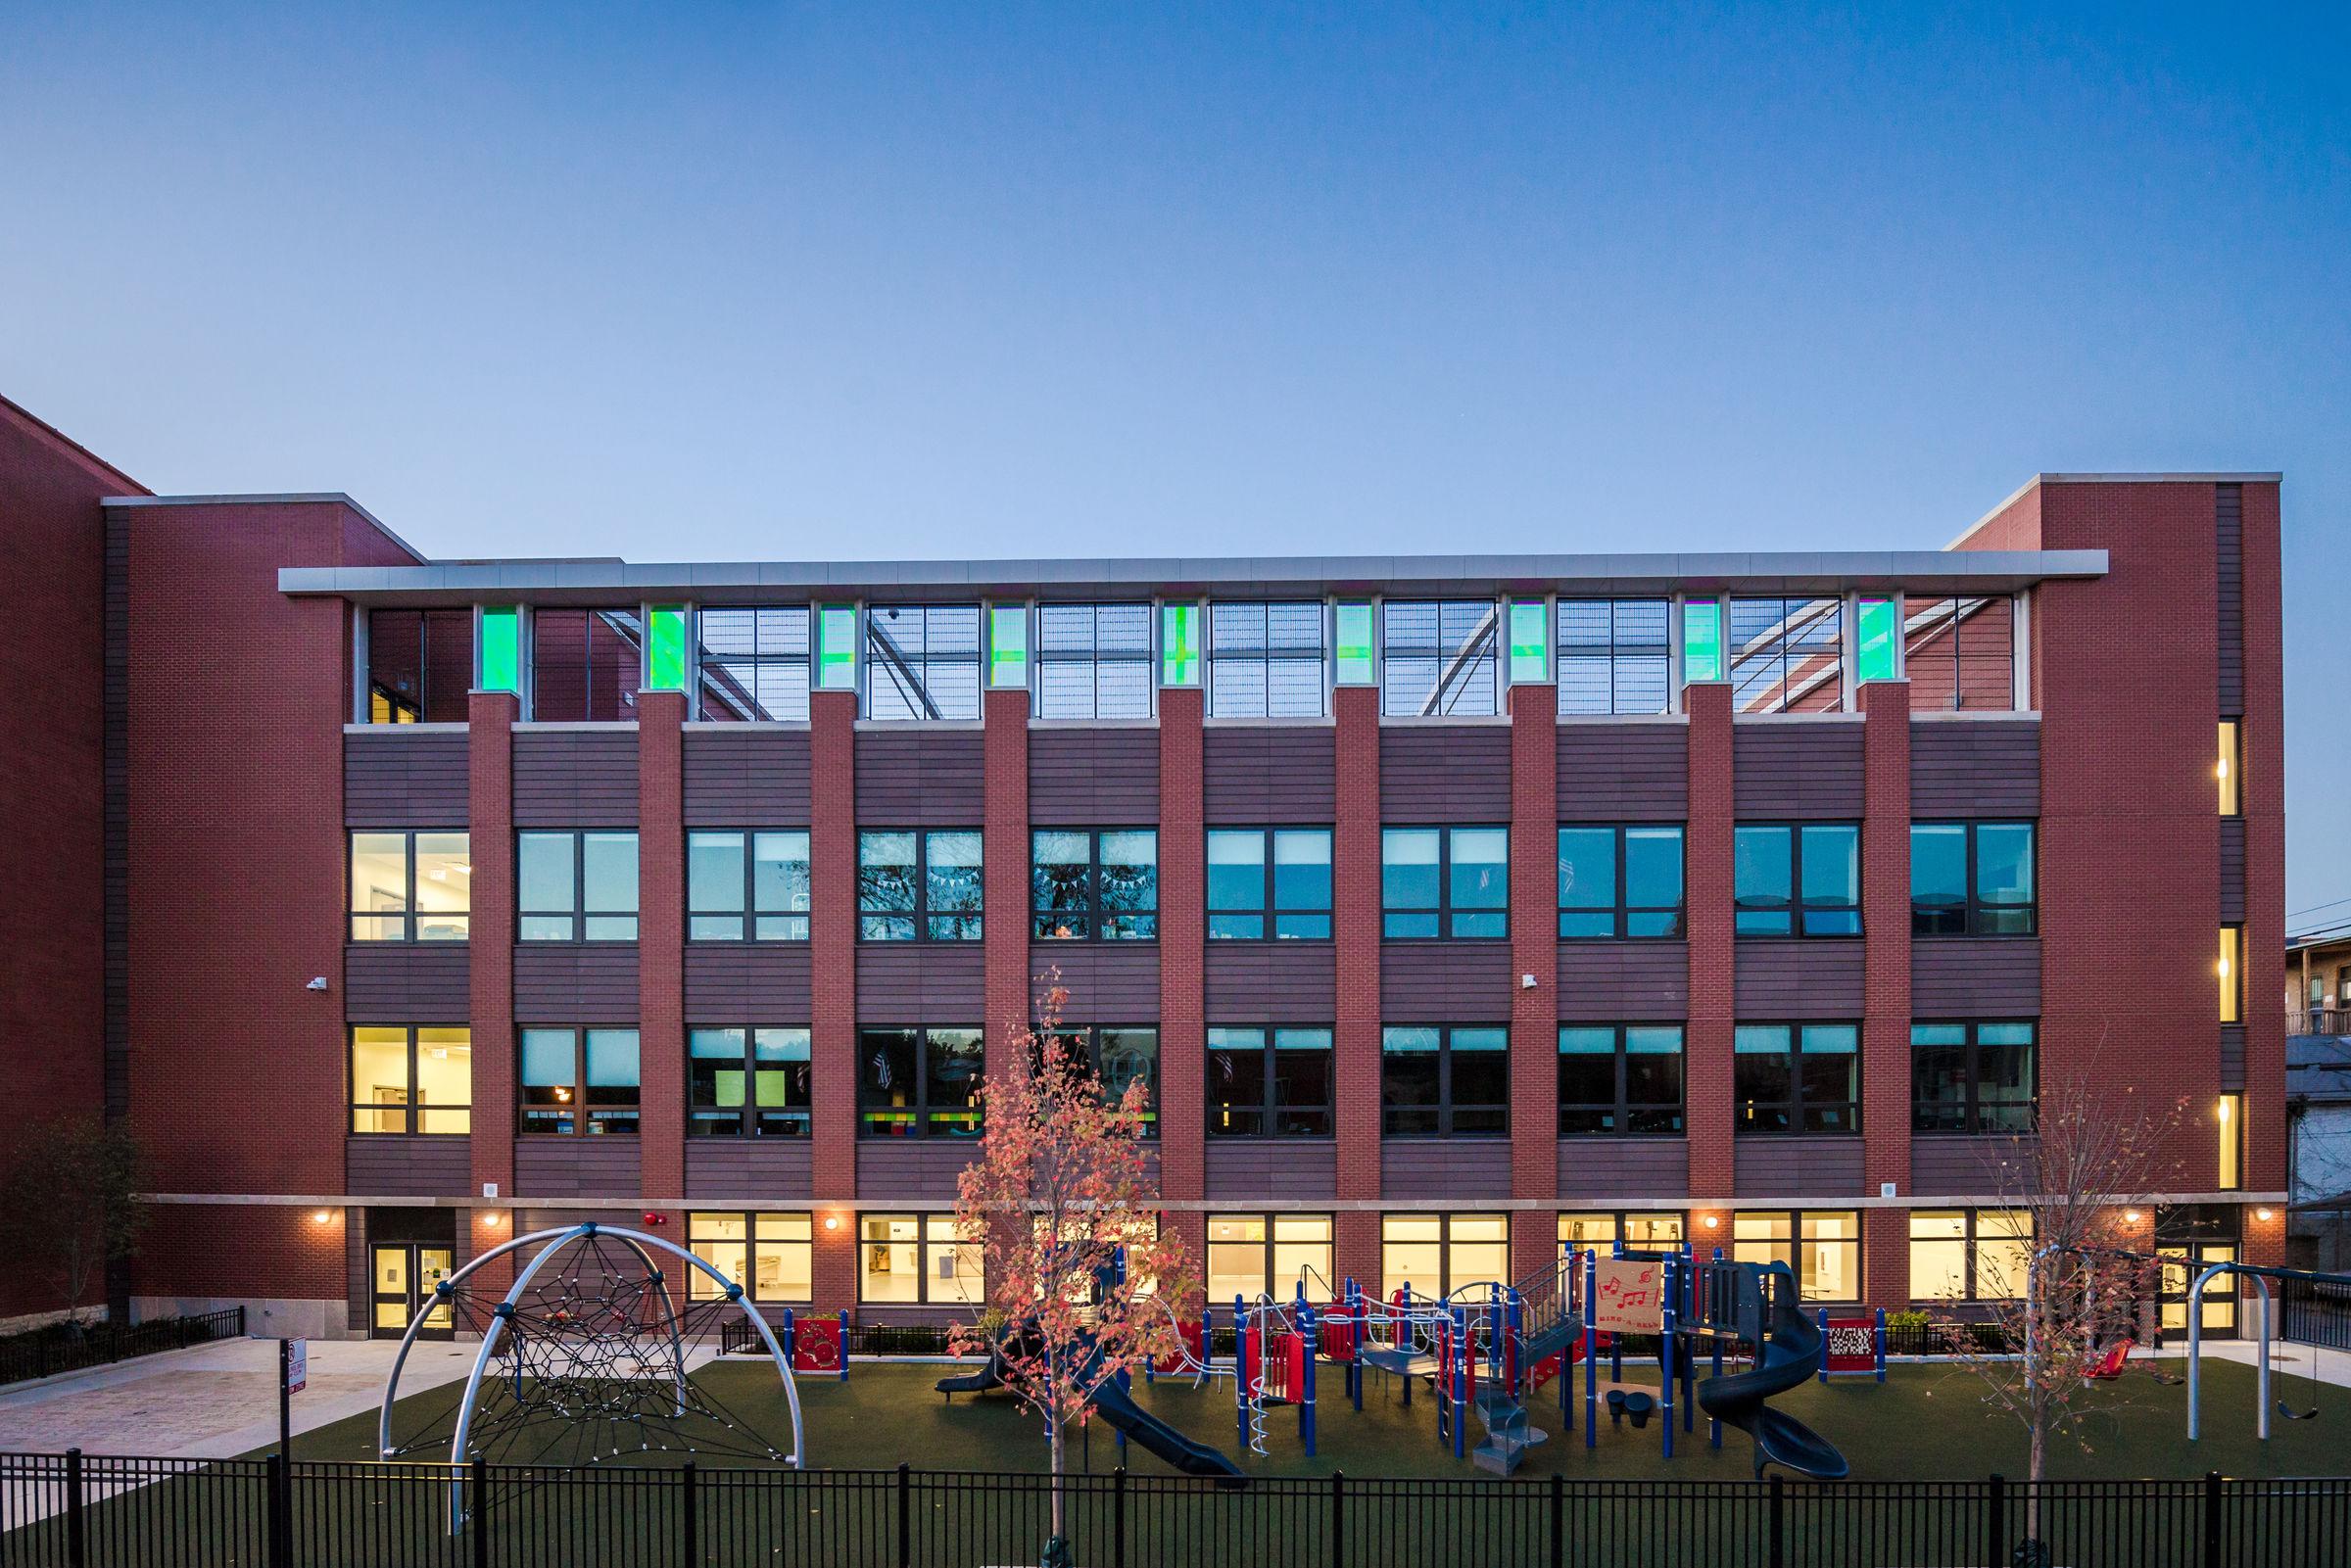 Abraham Lincoln School (Chicago, IL)